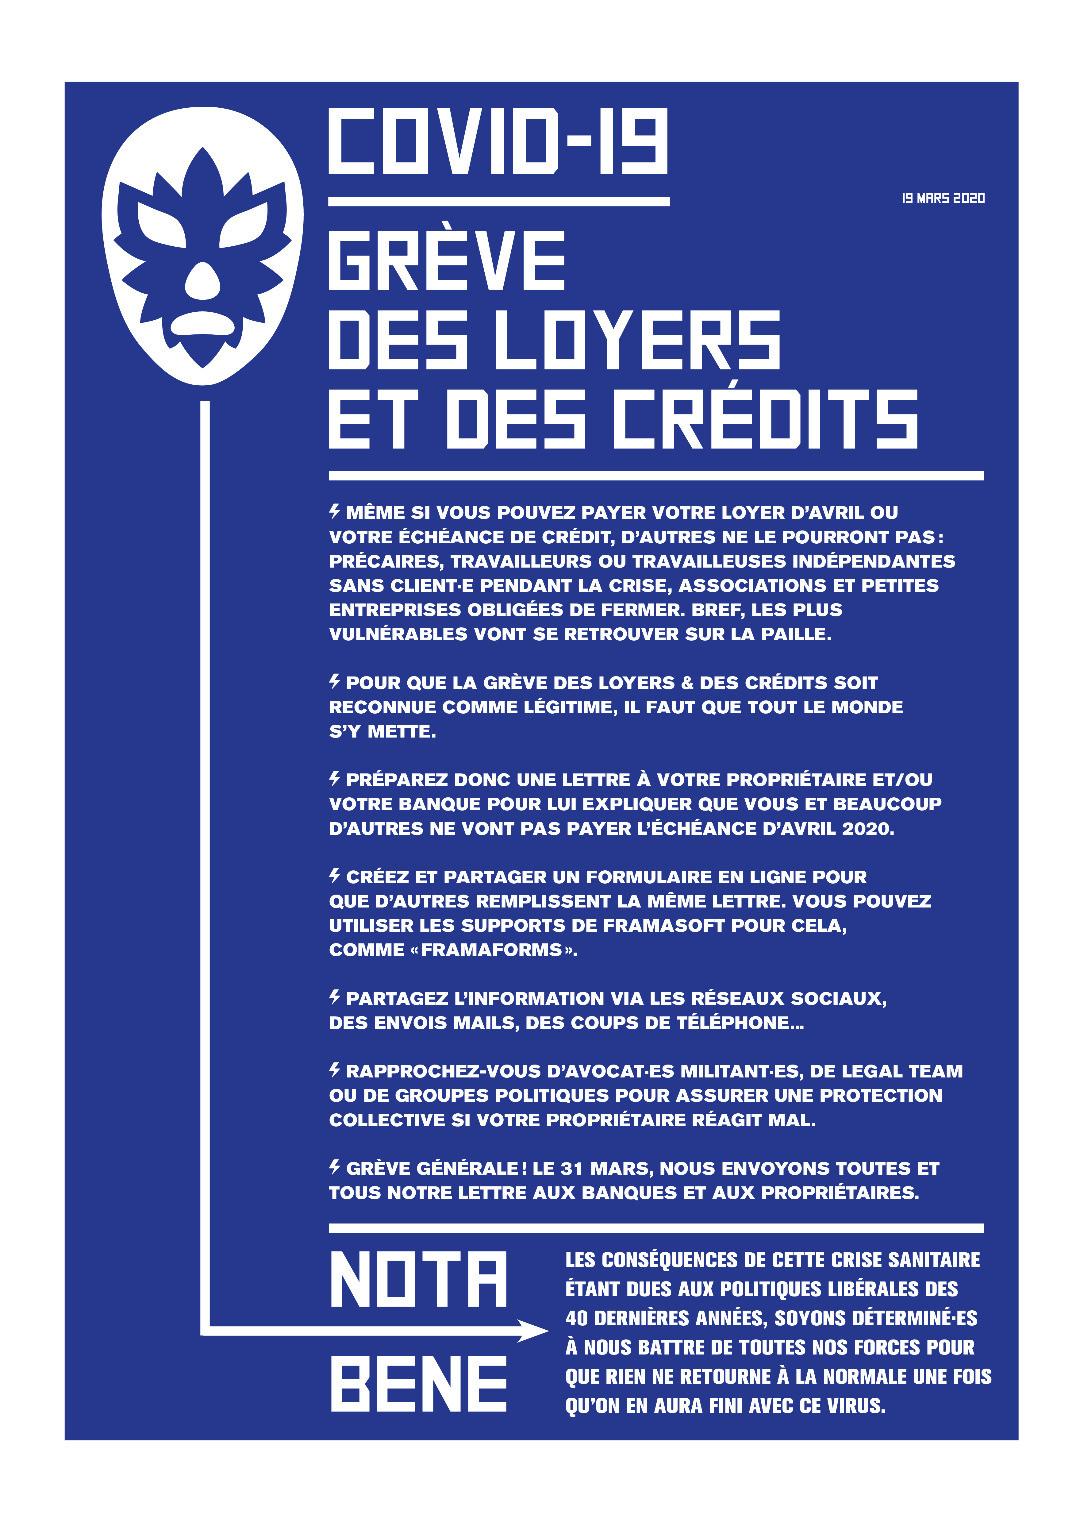 Affiche d'appel à la grève - Grève des loyers et des crédits